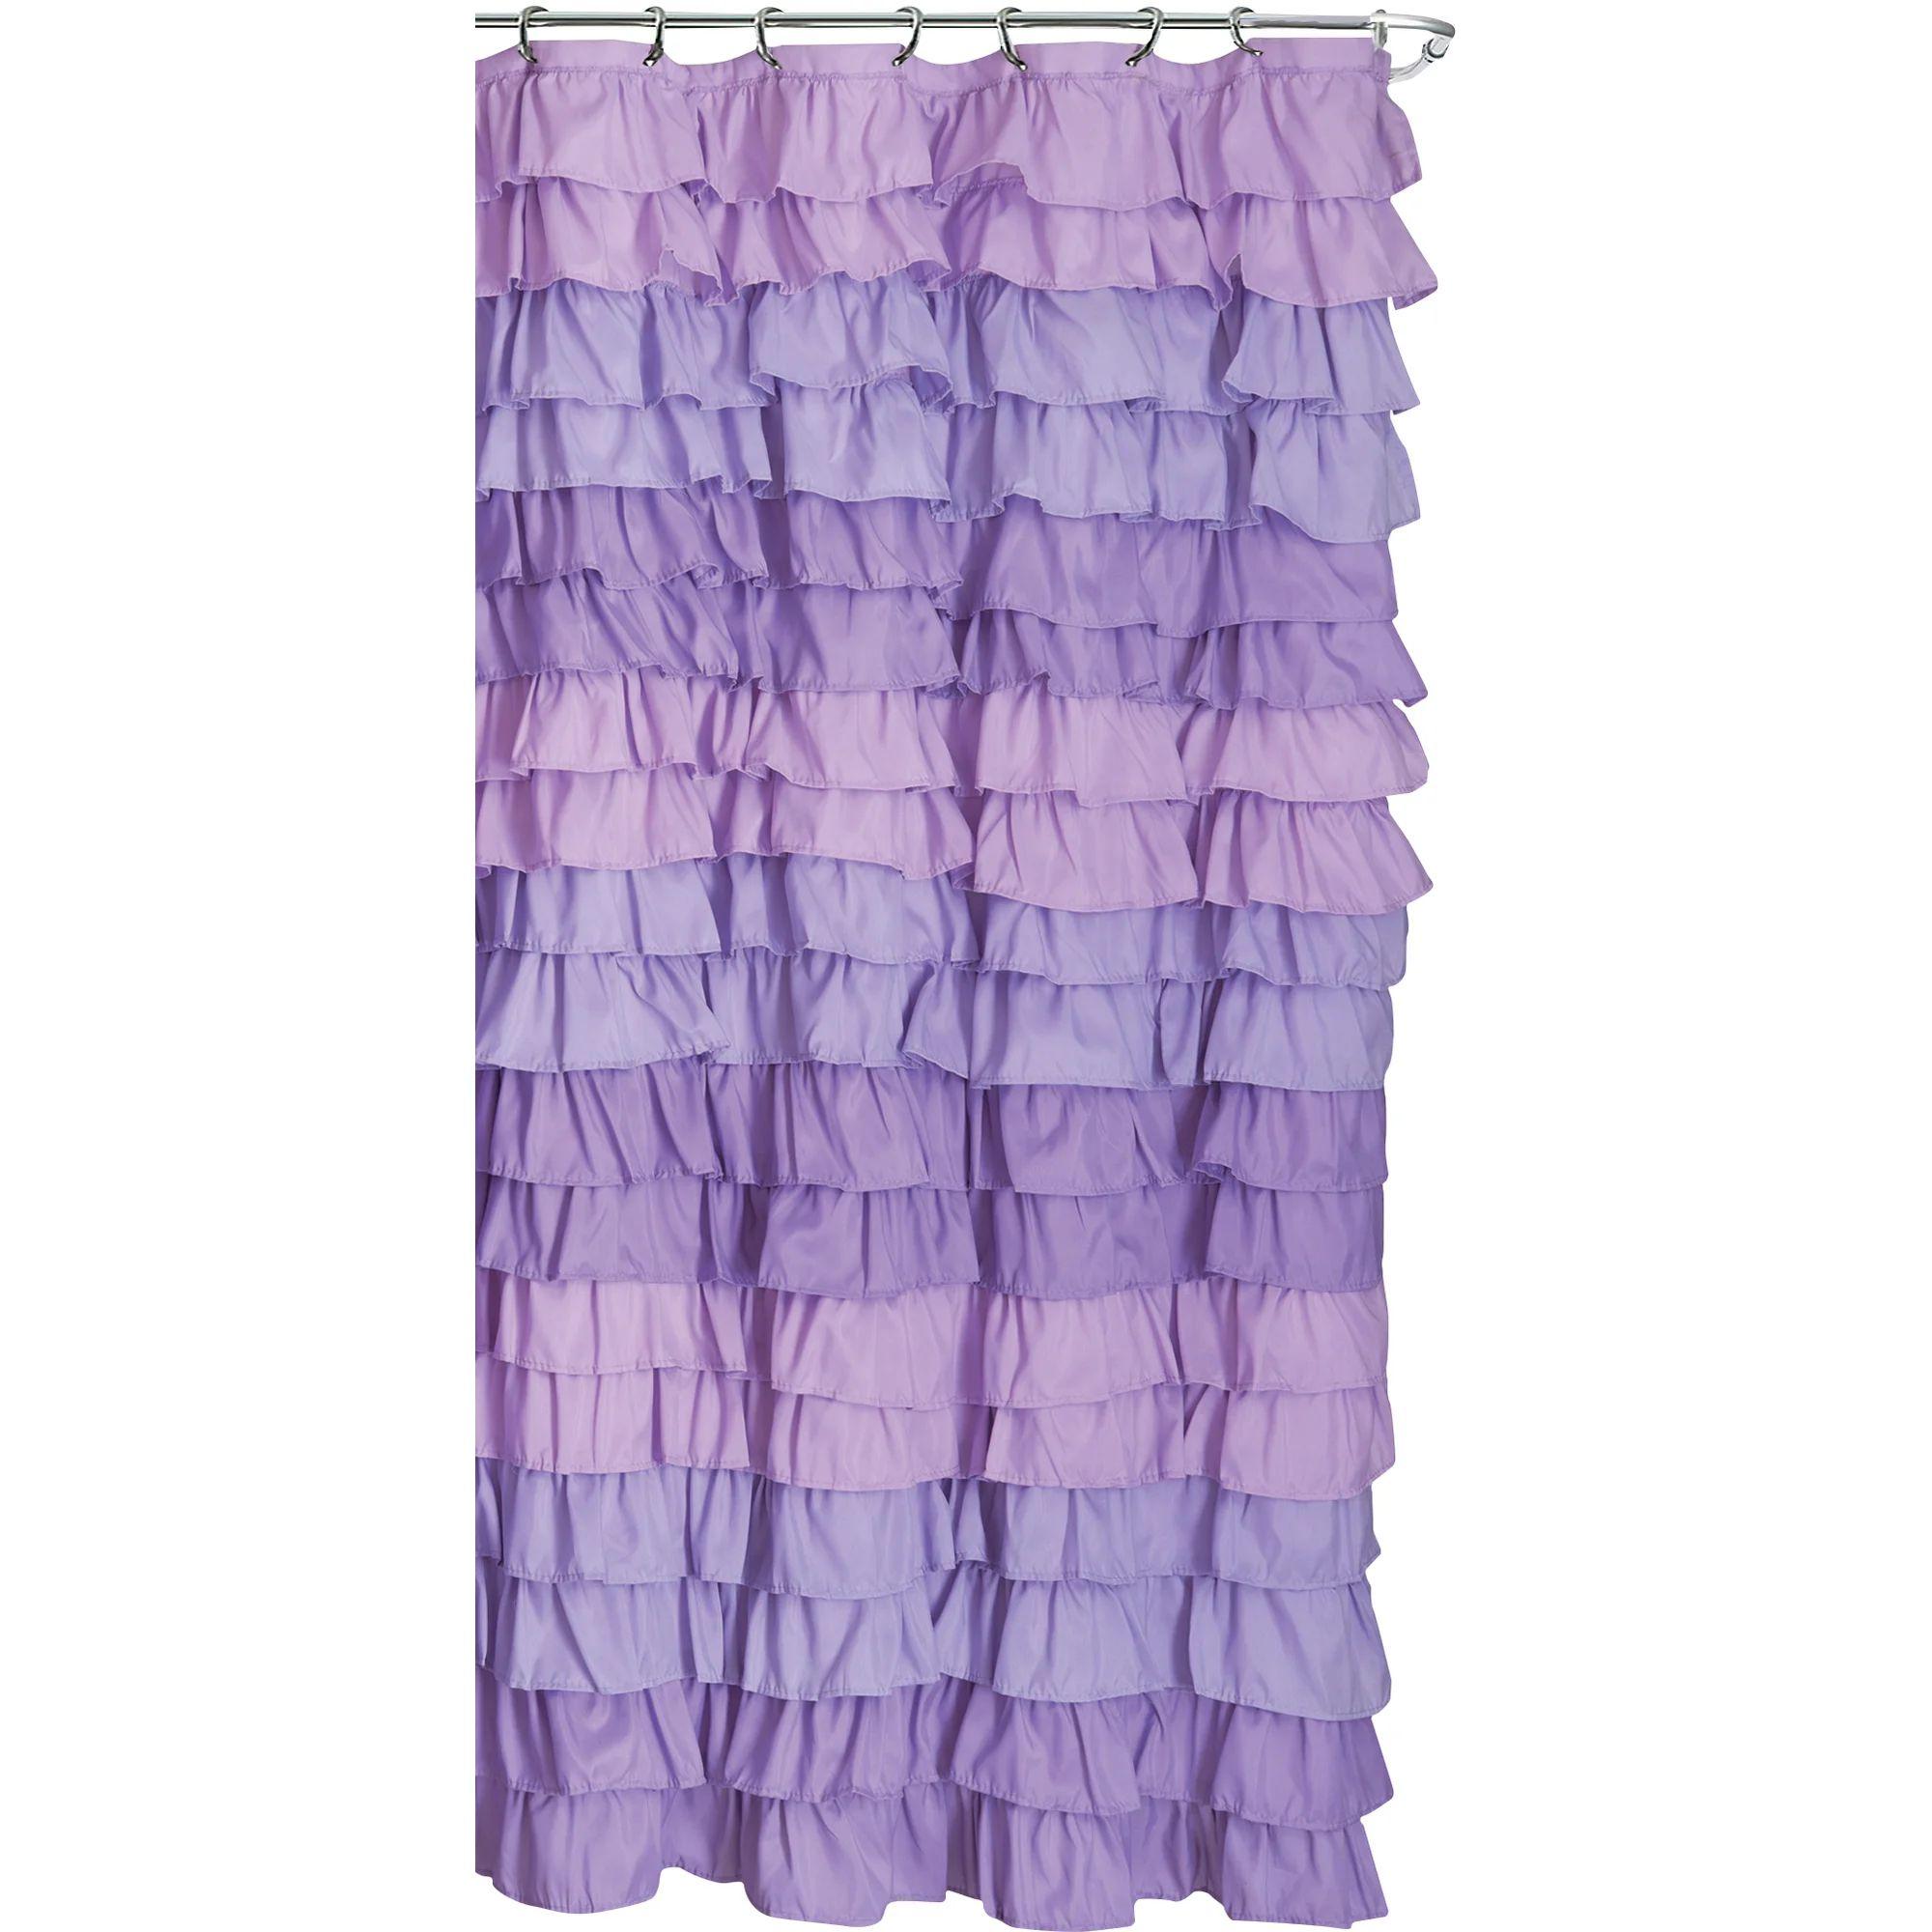 Light pink ruffle shower curtain - Light Pink Ruffle Shower Curtain Light Pink Ruffle Shower Curtain Light Pink Ruffle Shower Curtain